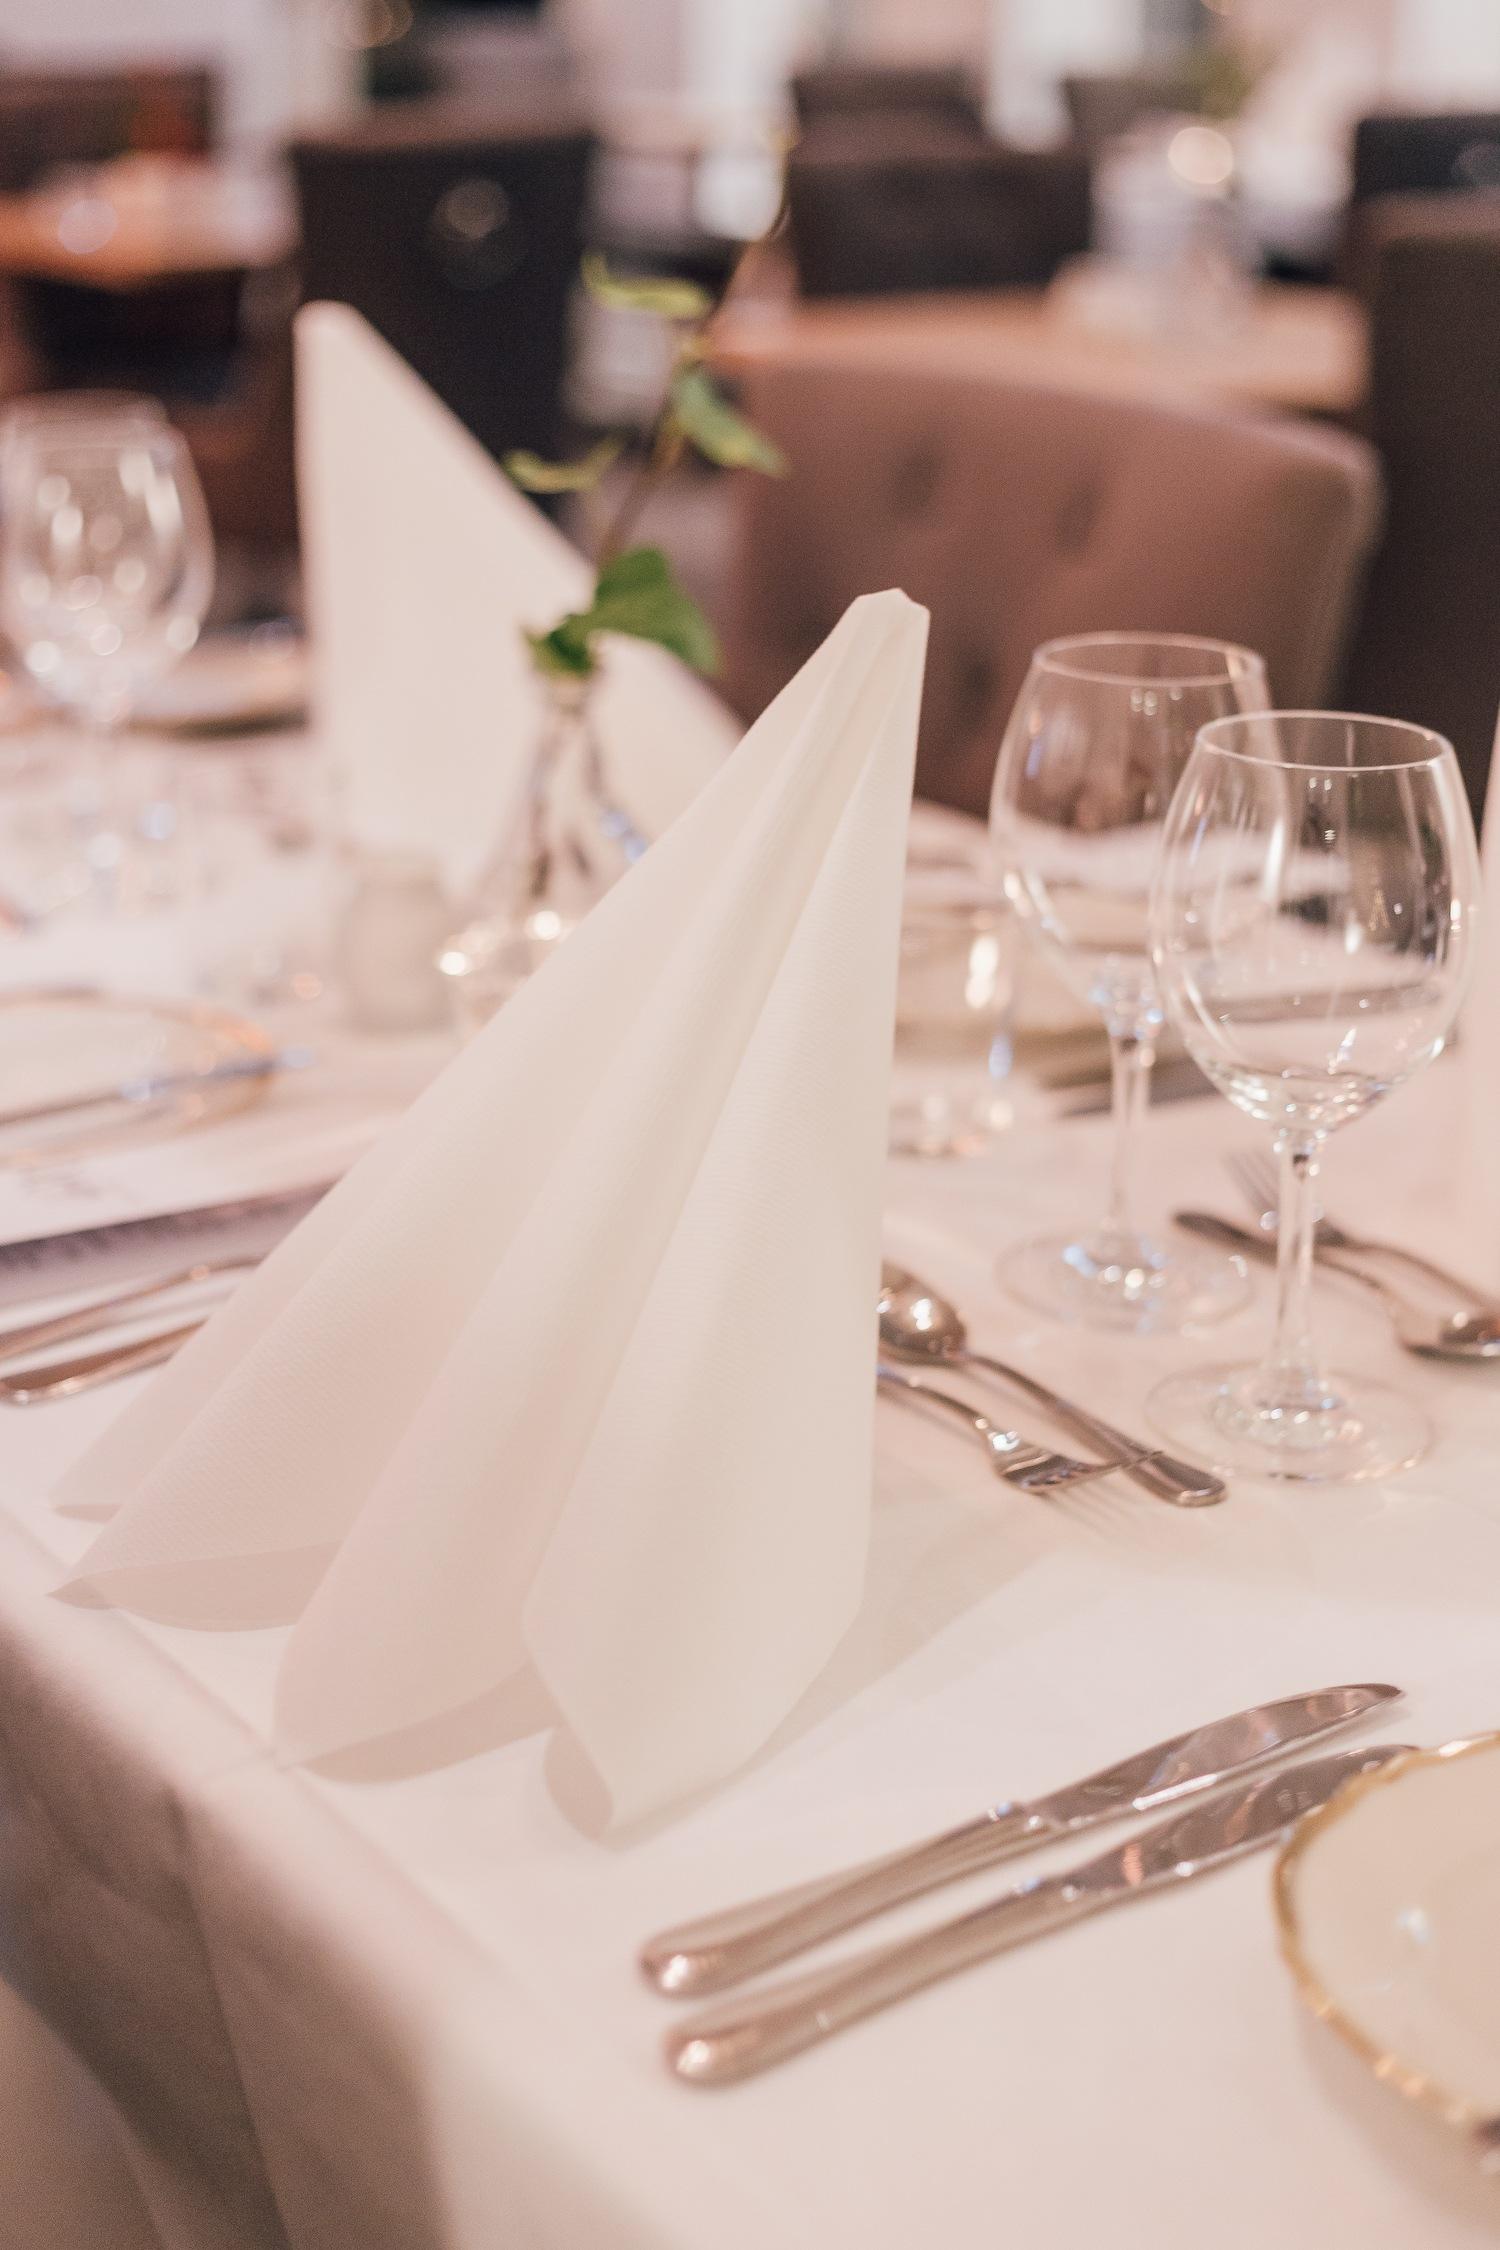 Dukat restaurangbord med stående servetter